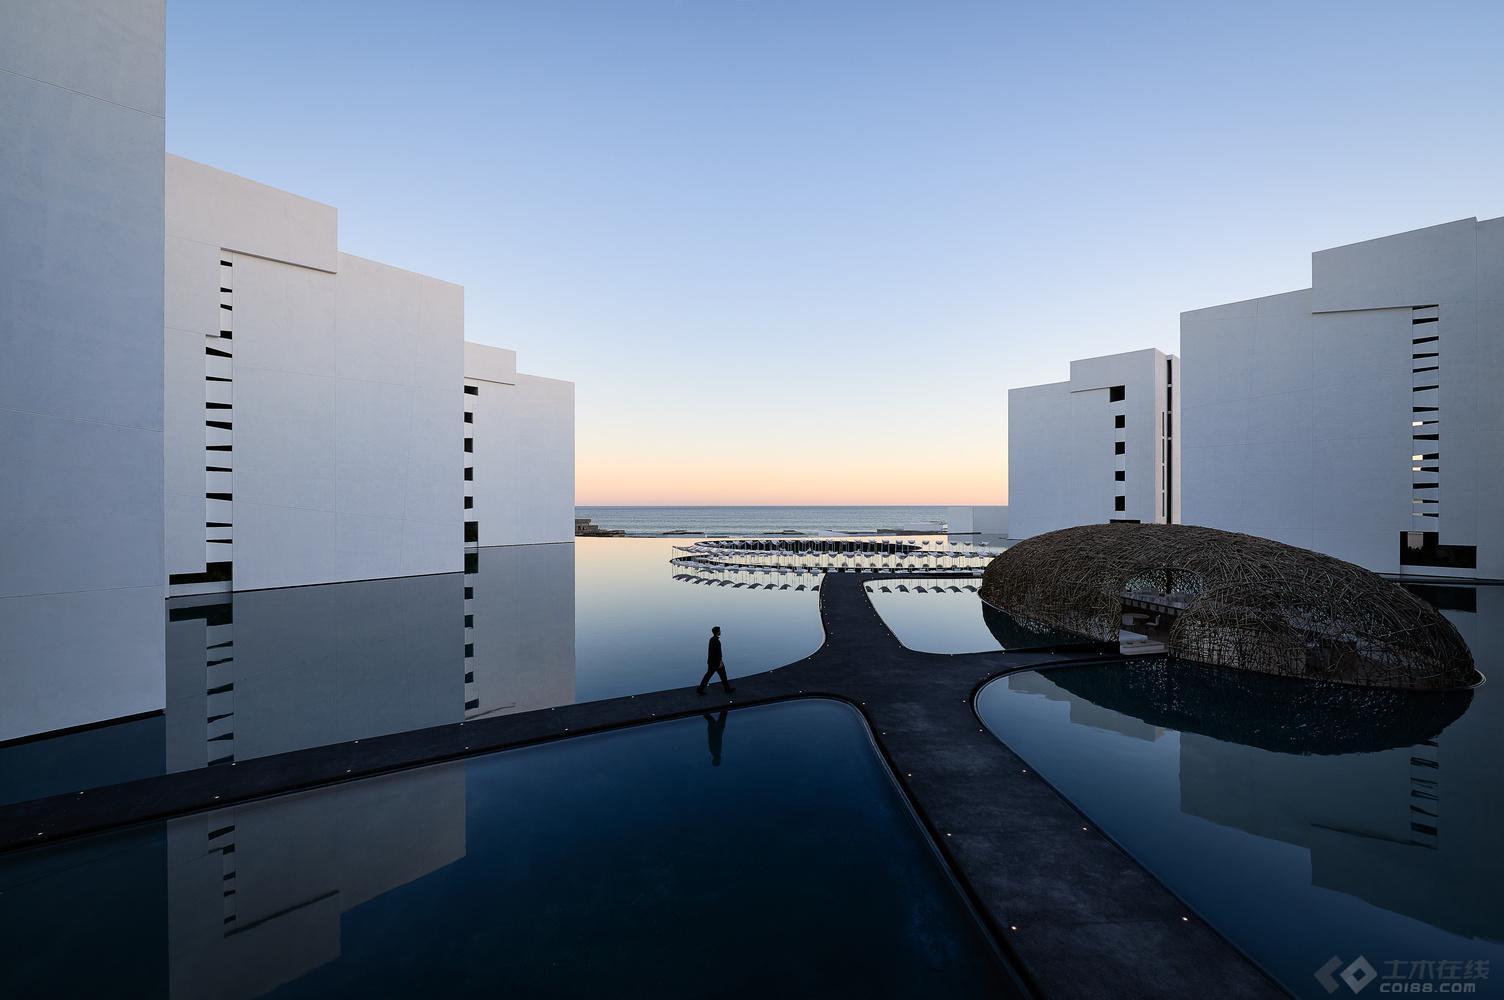 【早安建筑】22个世界最伟大建筑项目,天津滨海图书馆及香港大馆上榜